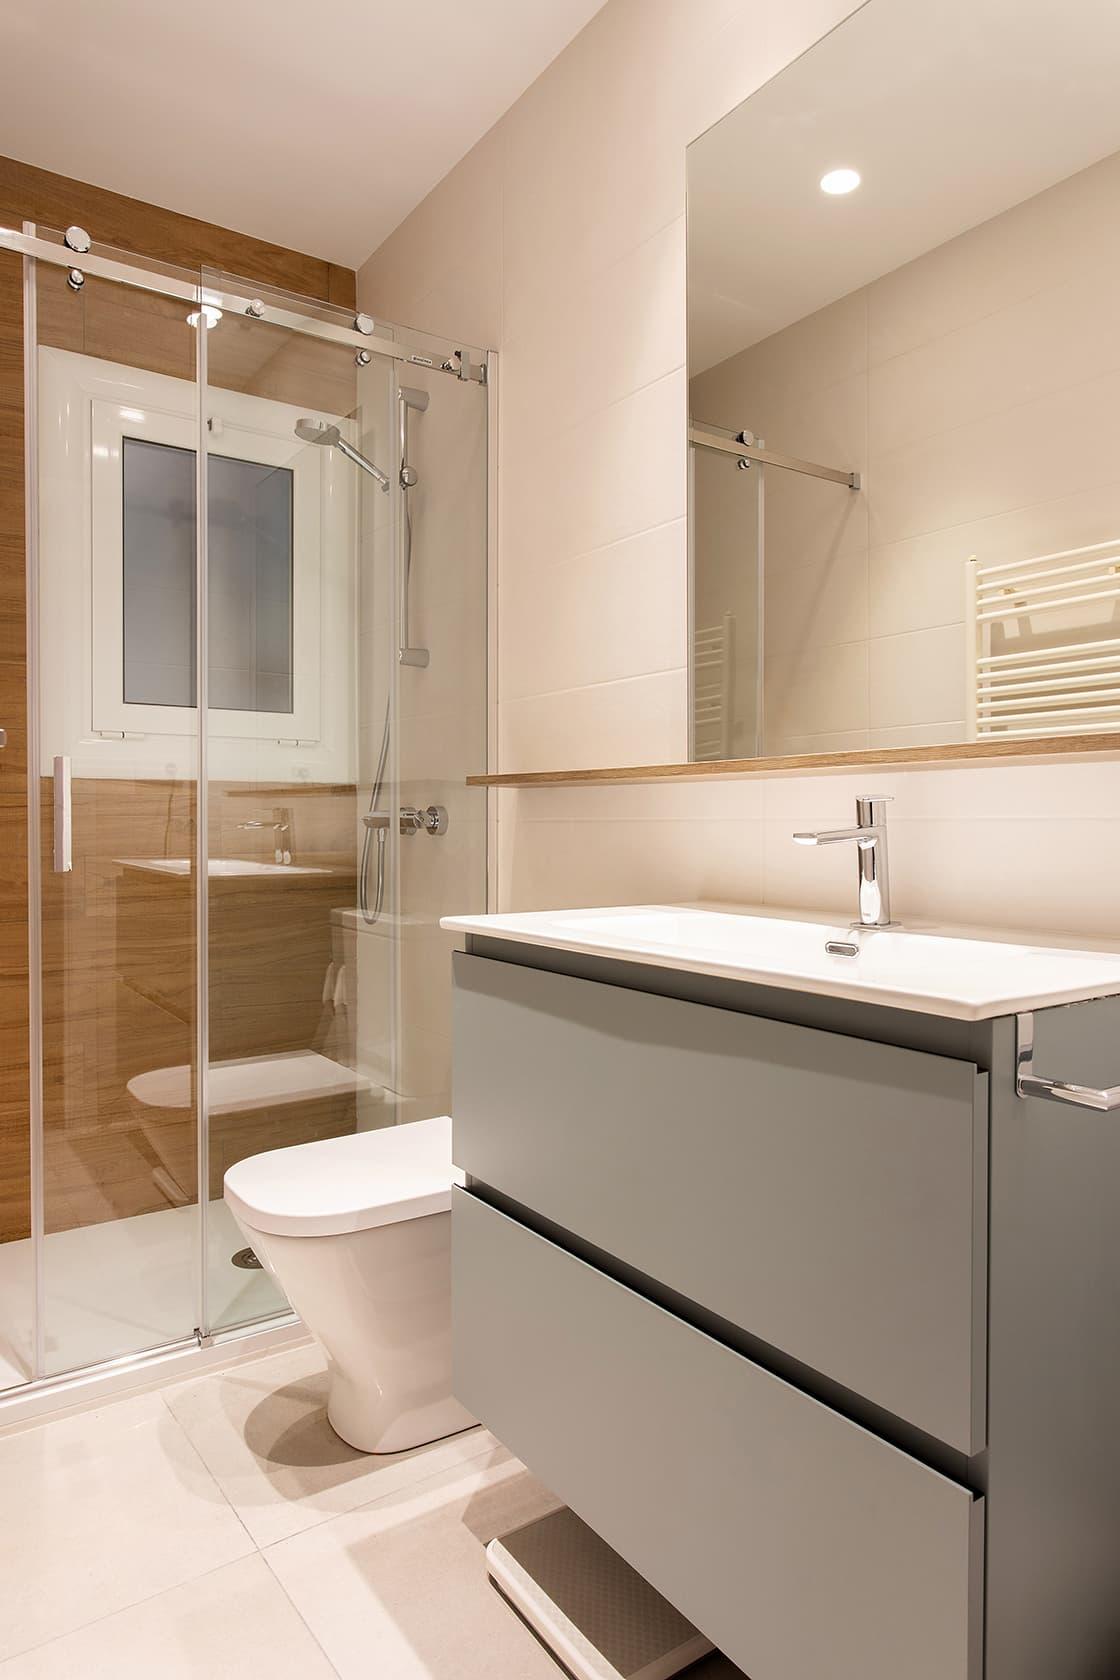 baño con almacenamiento en blanco